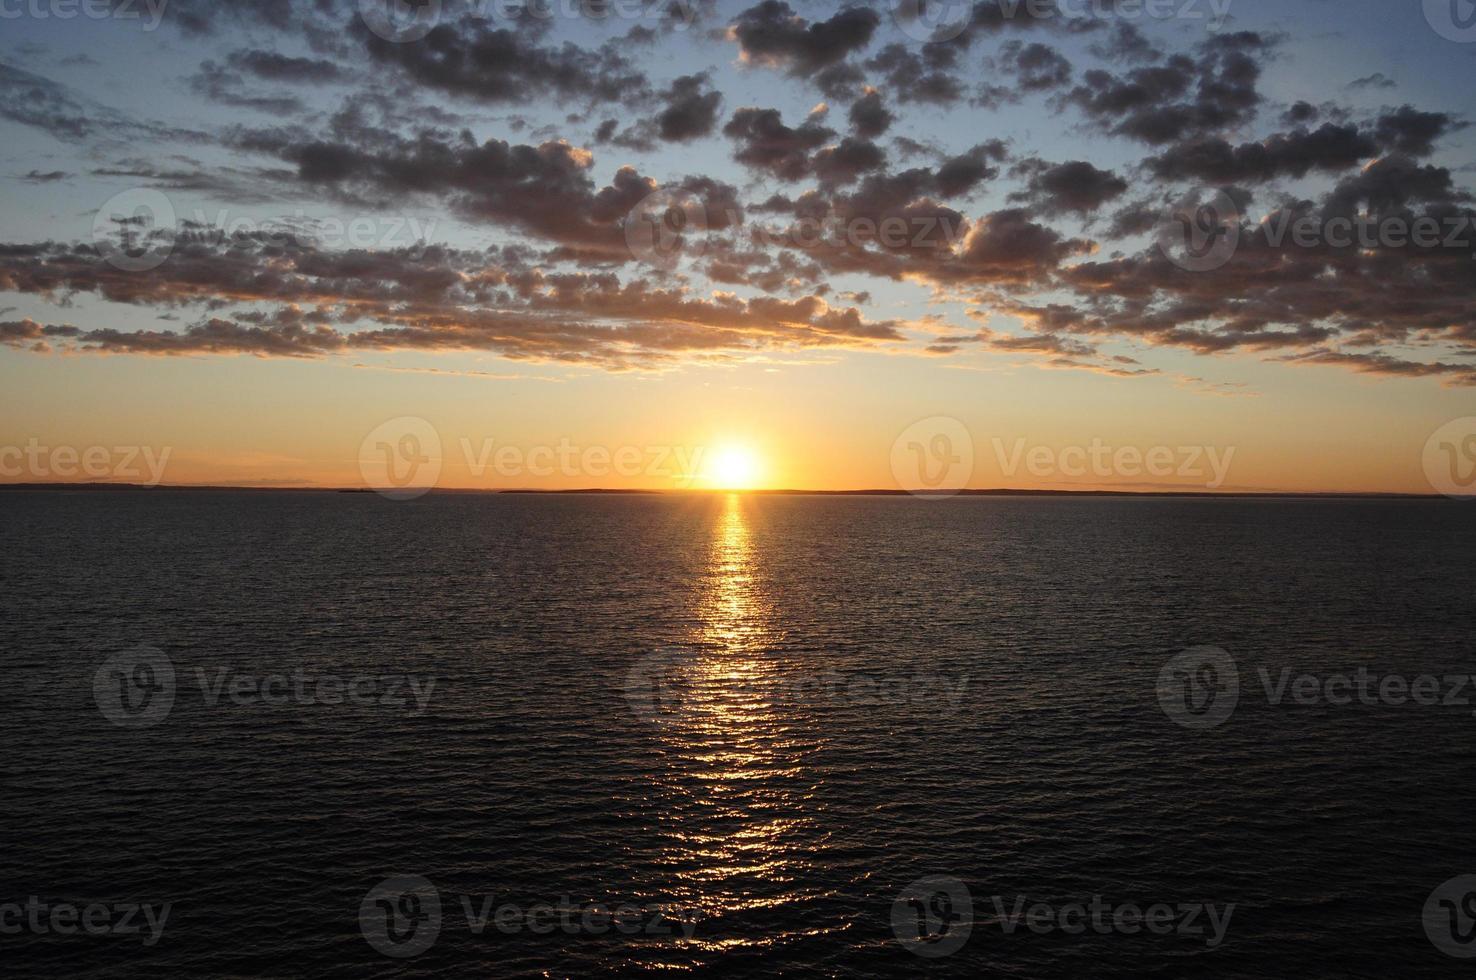 alba vista all'alba sulla nave foto